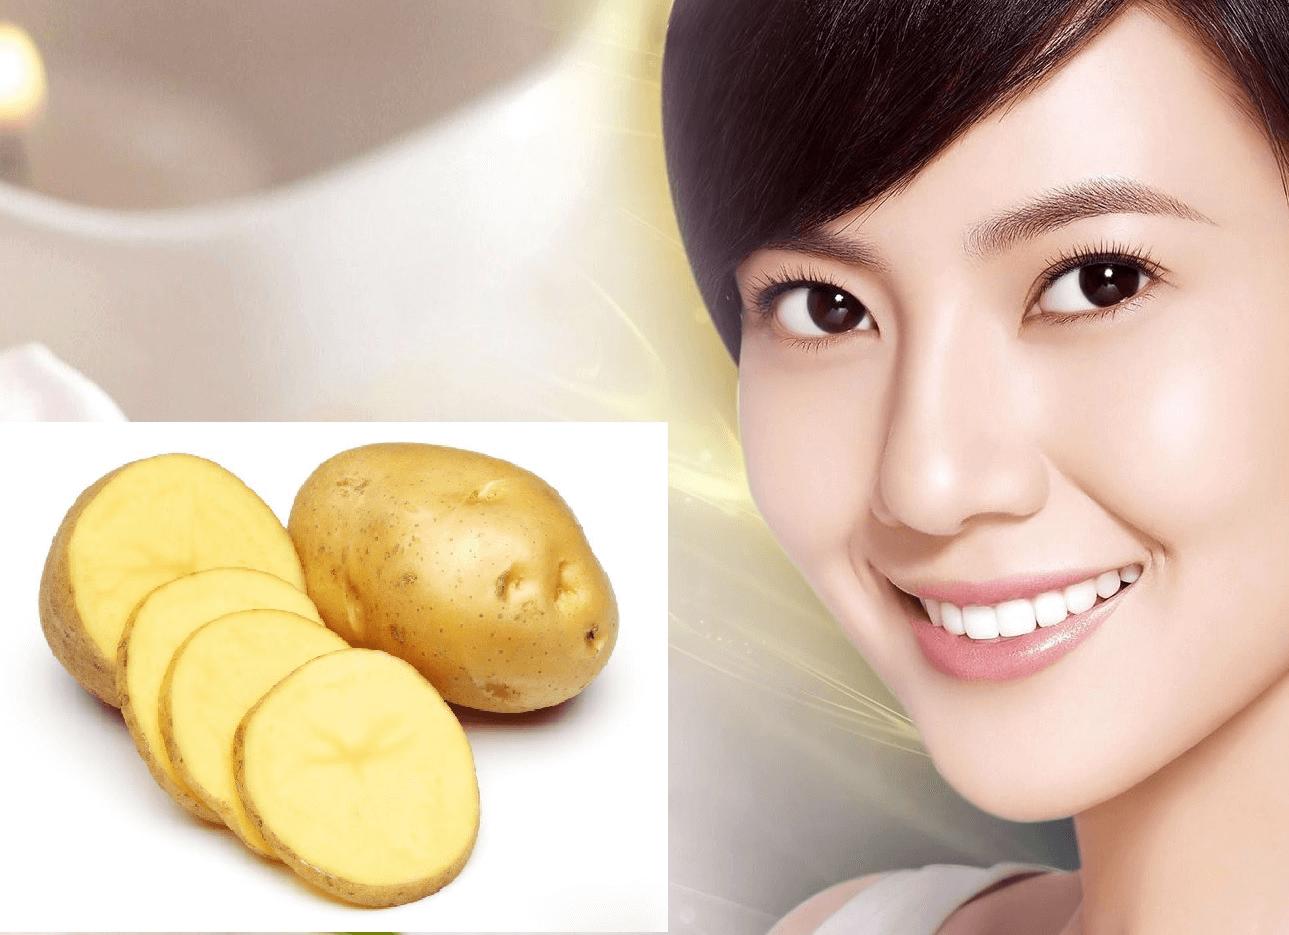 Trị mụn trứng cá hiệu quả chỉ sau 1 đêm bằng khoai tây